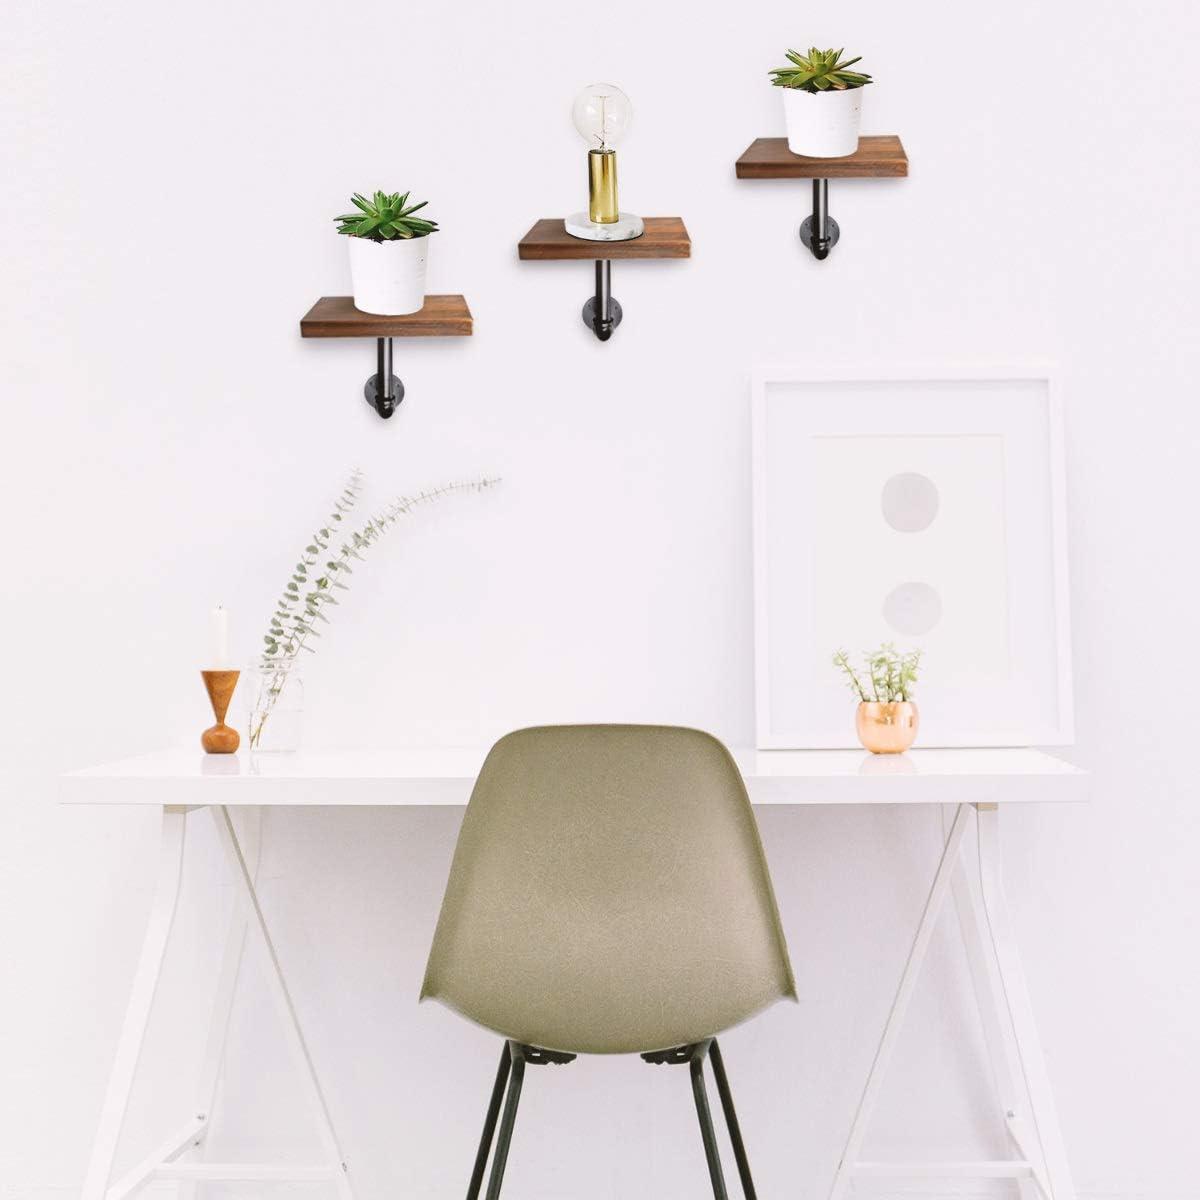 Navaris Wandregal Regal aus Holz und Metall einfache Montage Ablage f/ür Bilderrahmen Deko B/ücher Blumentopf 3er Set Schweberegal H/ängeregal